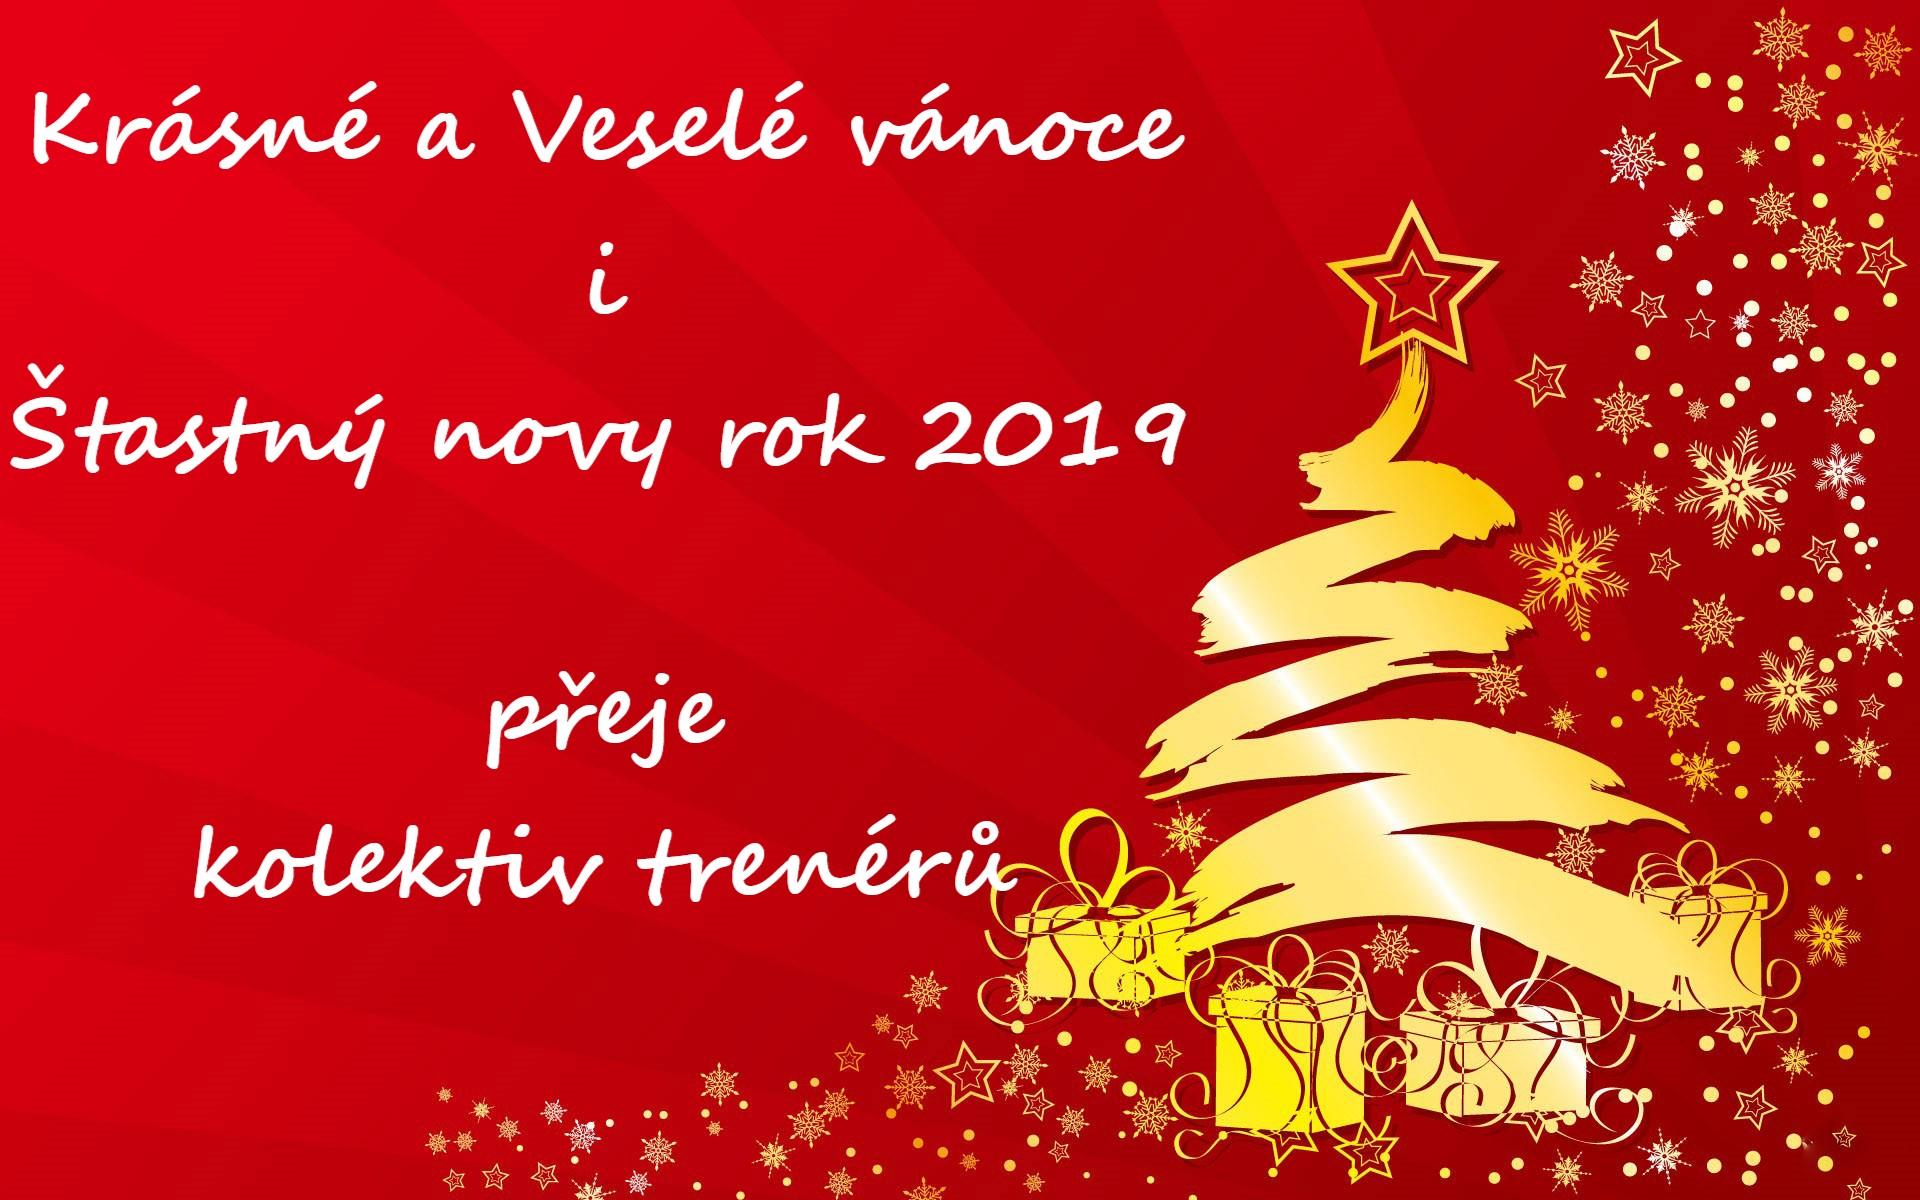 Veselé vánoční svátky 2019